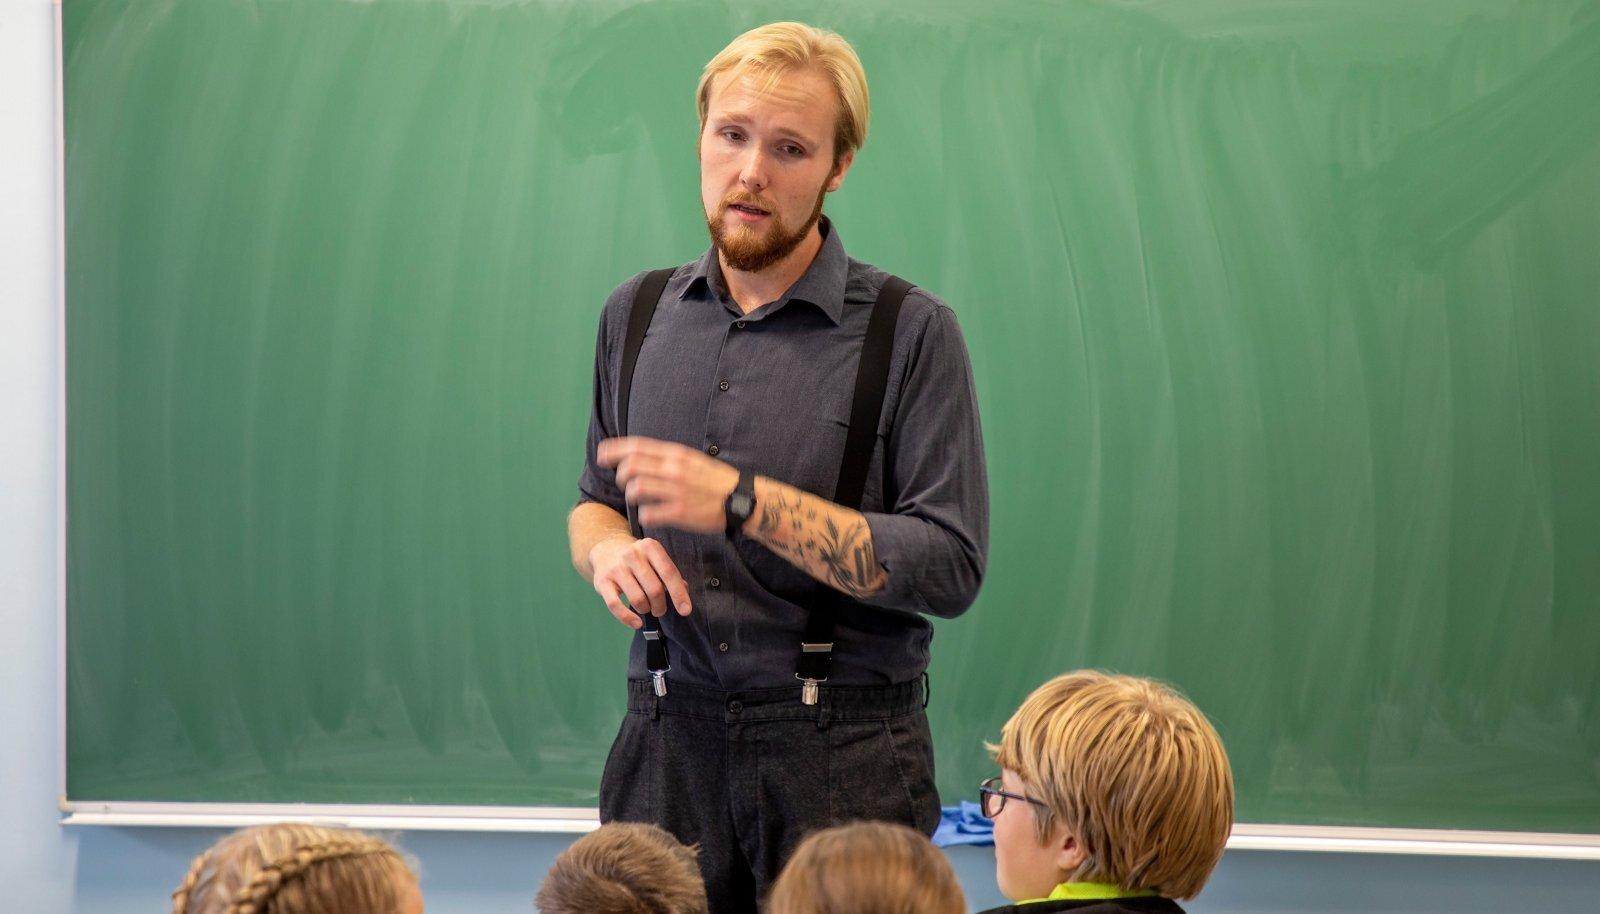 ET ÕPETAJAID JAGUKS: Inglise keele tund Kadrioru saksa gümnaasiumis. Klassi ees inglise keele õpetaja Rannar Park.